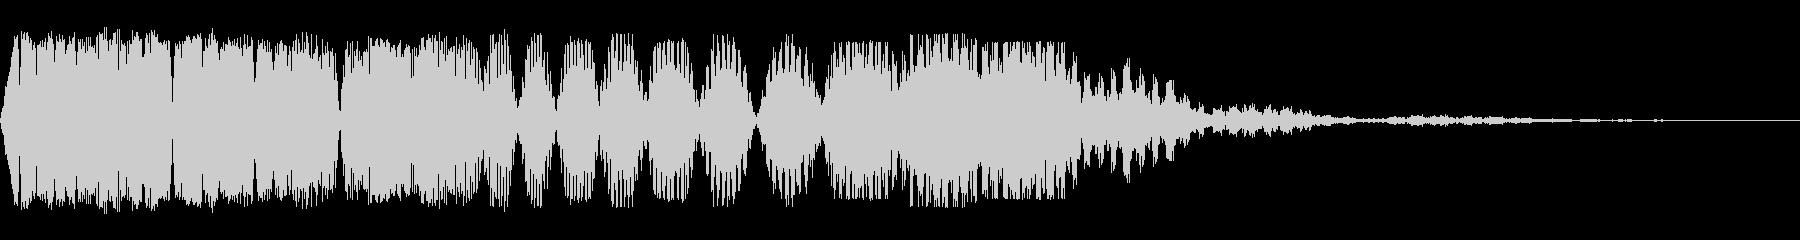 減速スワイプ1の未再生の波形